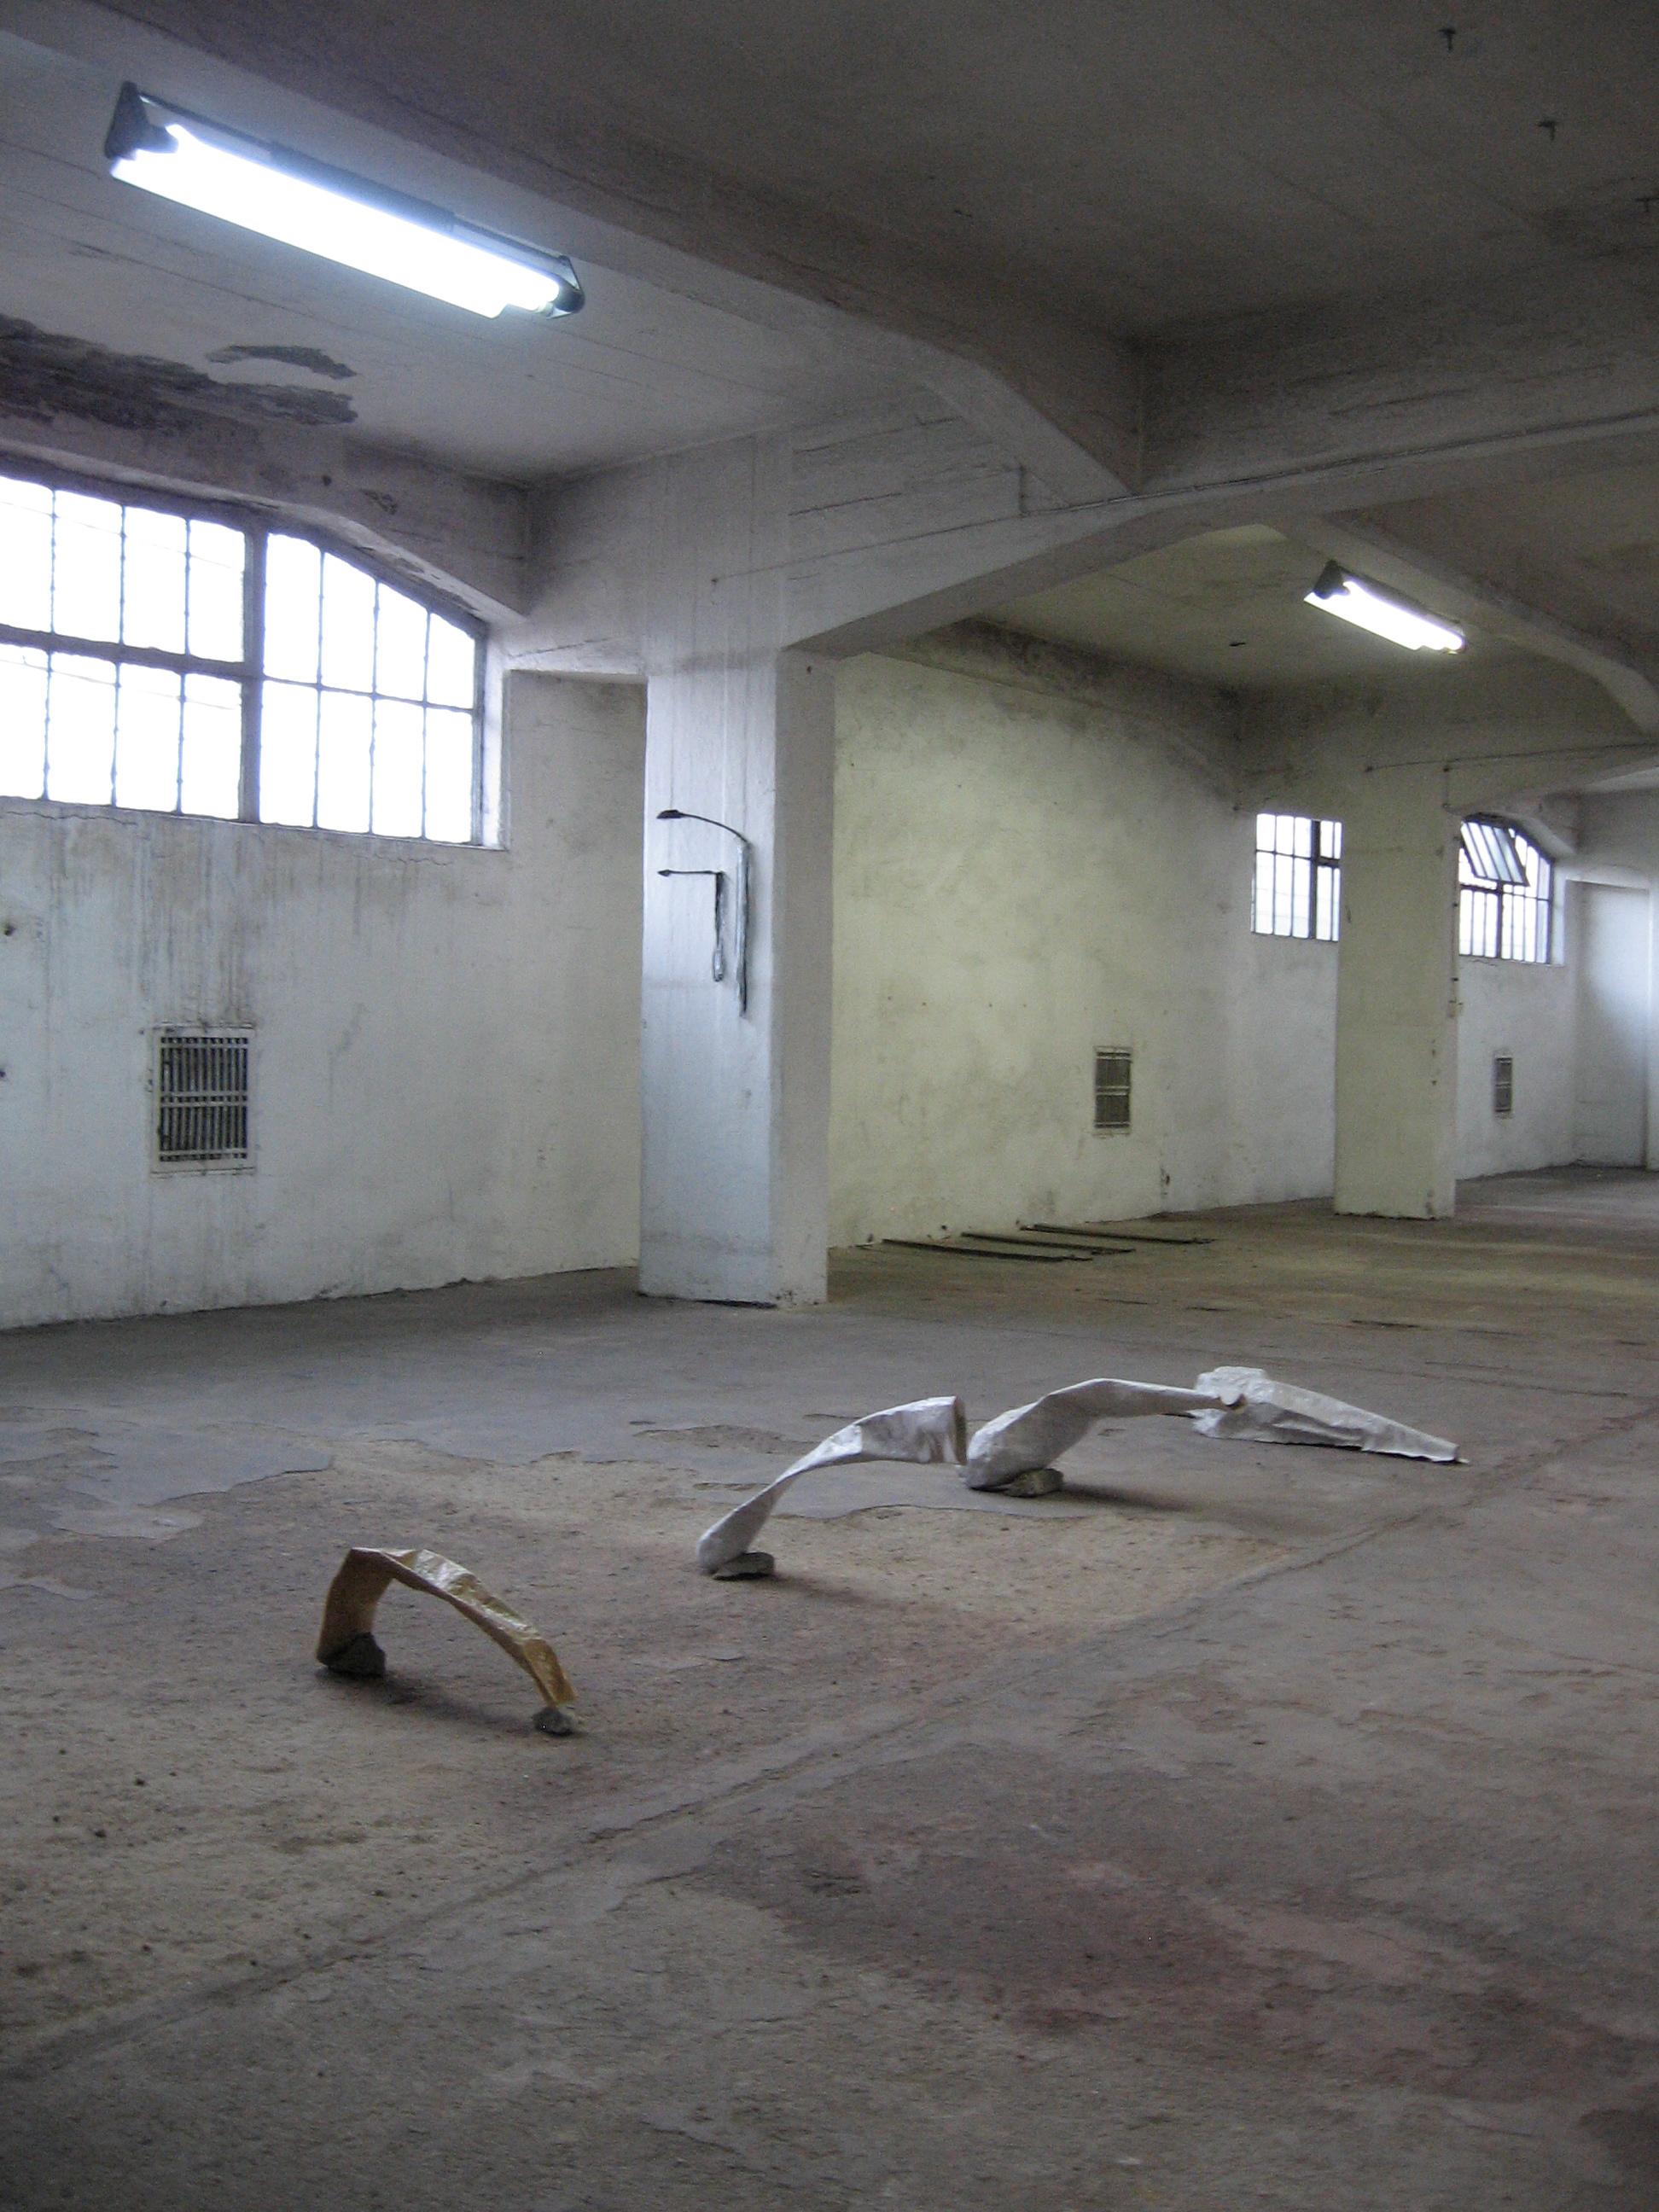 Cannons  and  Arrows  (installation view), 2010, r  ocks, papier-mâché / twigs, plastic bags, papier-mâché, charcoal, d  imensions variable